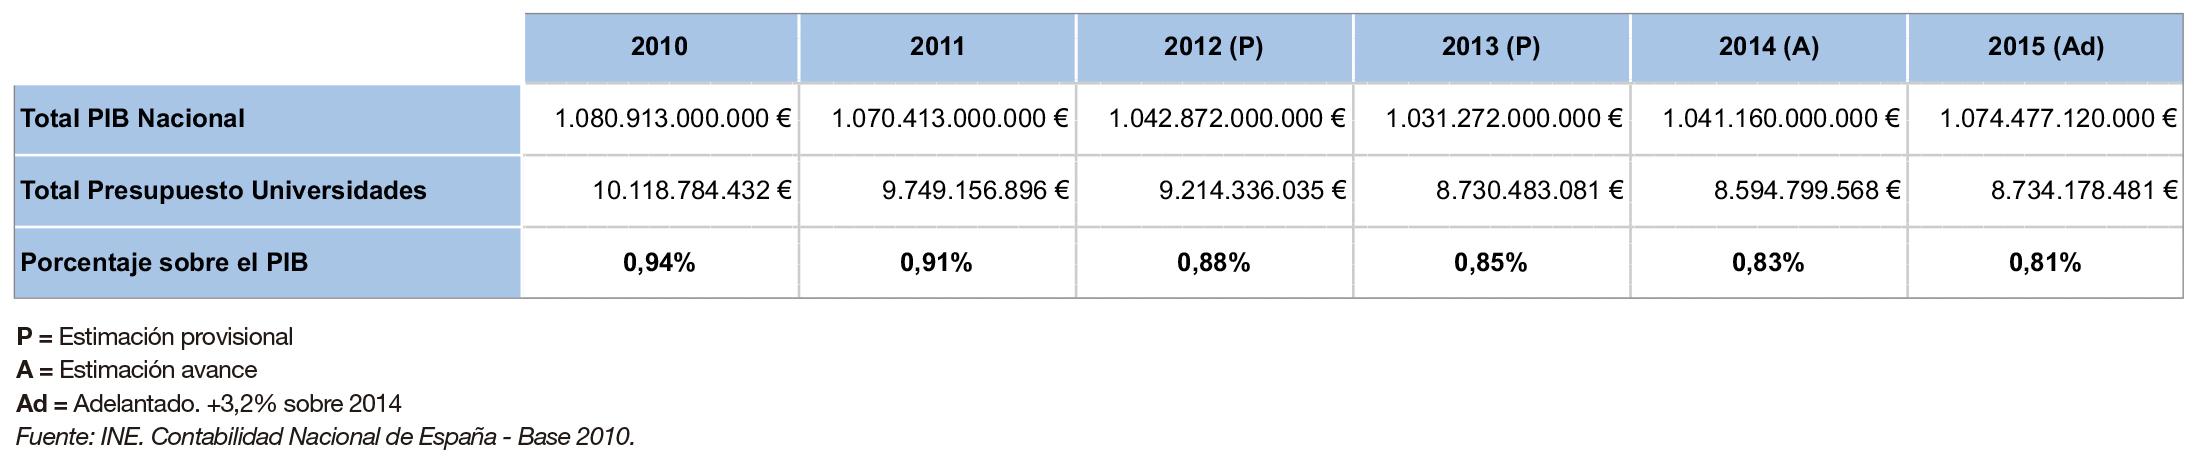 La-financiación-de-las-universidades-públicas-análisis-de-los-presupuestos-2010-15-y-de-las-cuentas-2010-14-graf-1.jpg